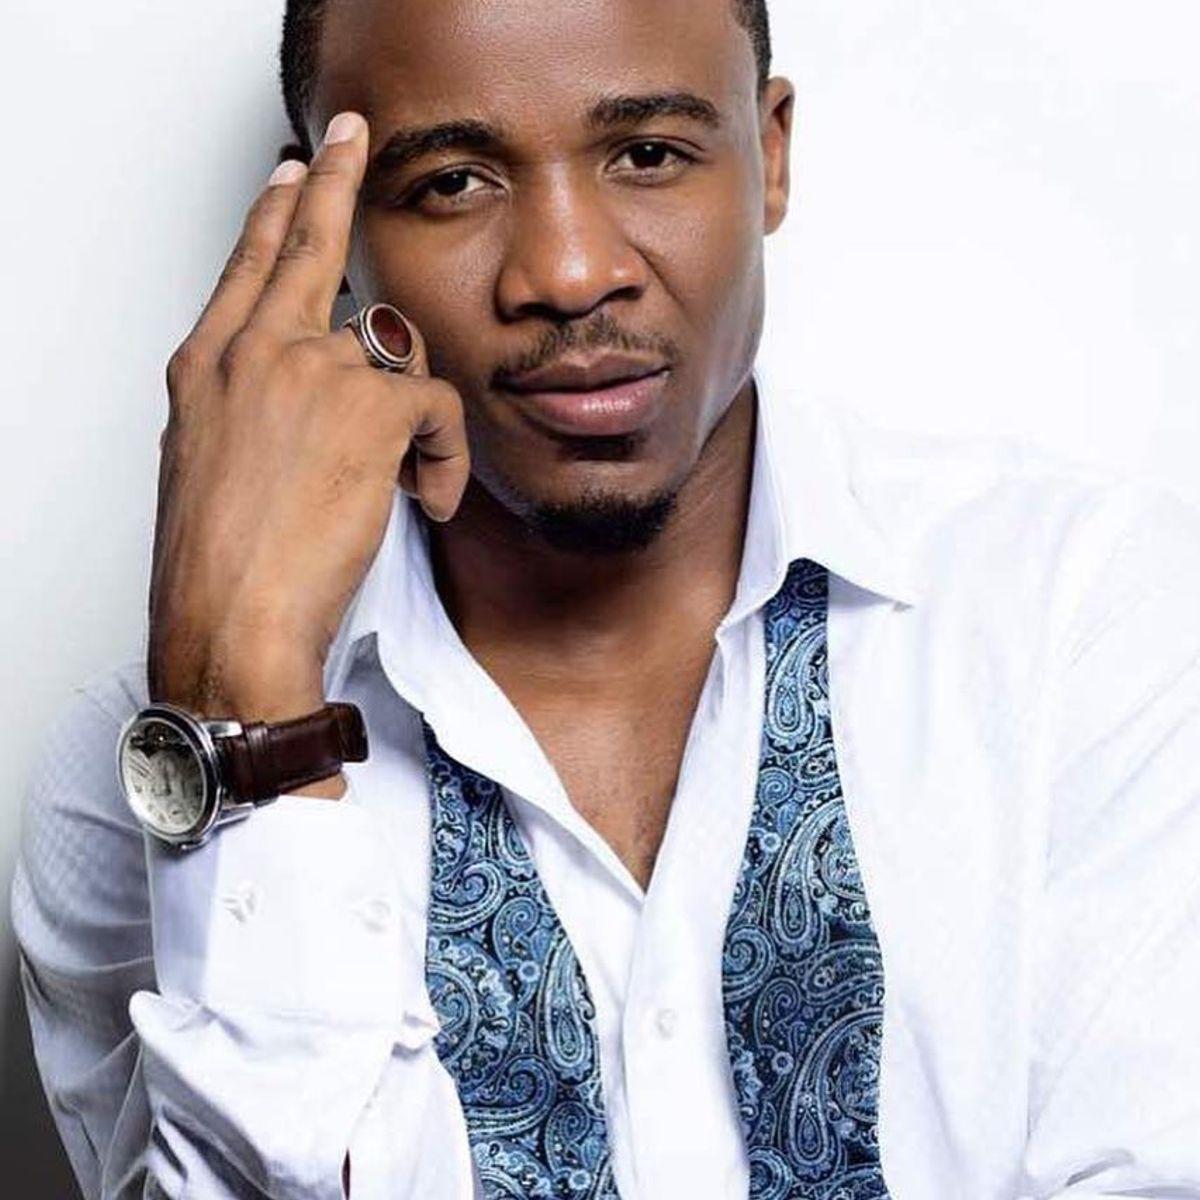 Let us live normal lives, Ali Kiba tells celebrities